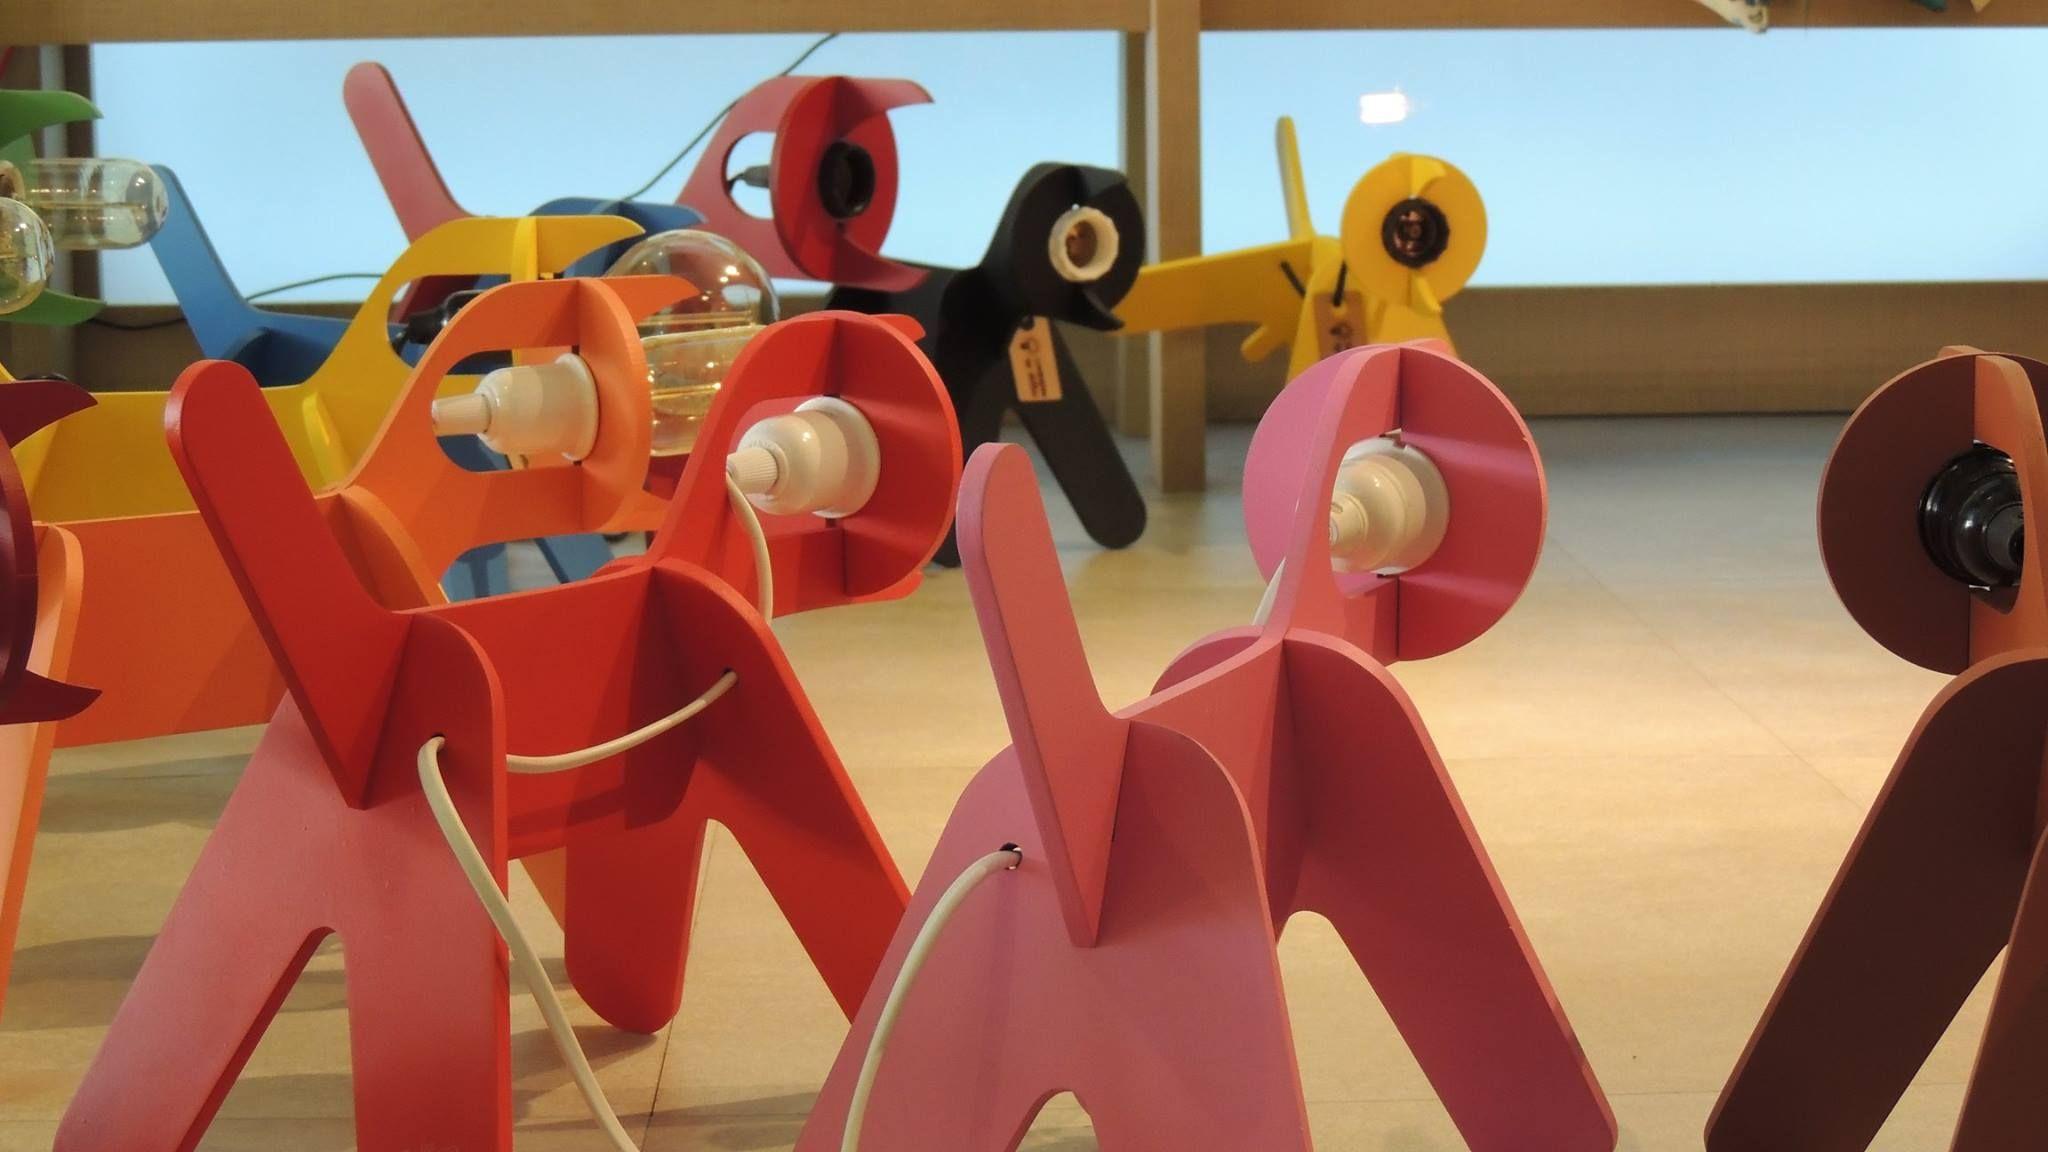 Luminária de cachorrinho. Um presente cheio de estilo, com diferentes variações de cores, disponíveis em 2 tamanhos, e você ainda pode personalizar. Também temos uma variedade de lâmpadas de filamento de carbono para você escolher. Opções customizadas sob encomenda. Dröm Custom Shop - Moema / Sp  http://www.drom.com.br/loja/  #lasercut #doggylamp #colors #edisonlamp #light #design #dromdesign #dog #happy #decoration